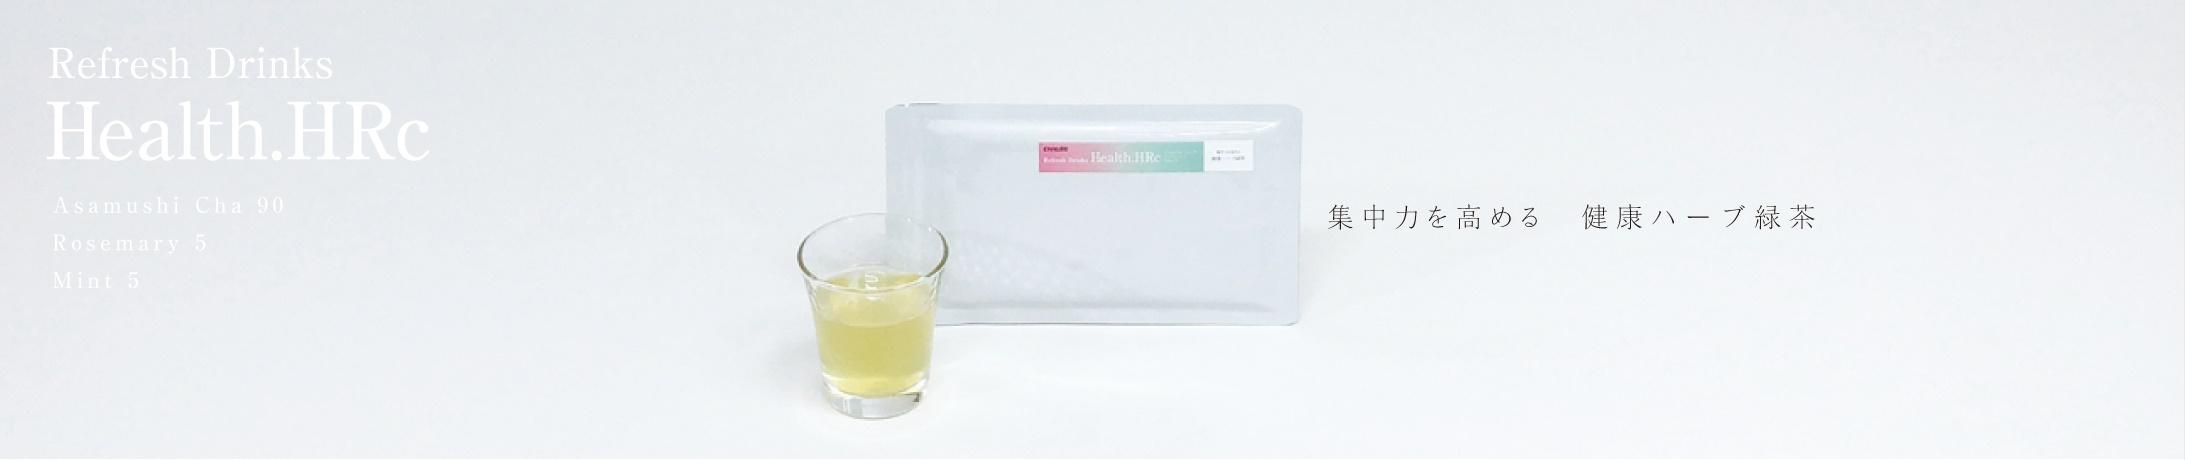 健康ハーブ緑茶1